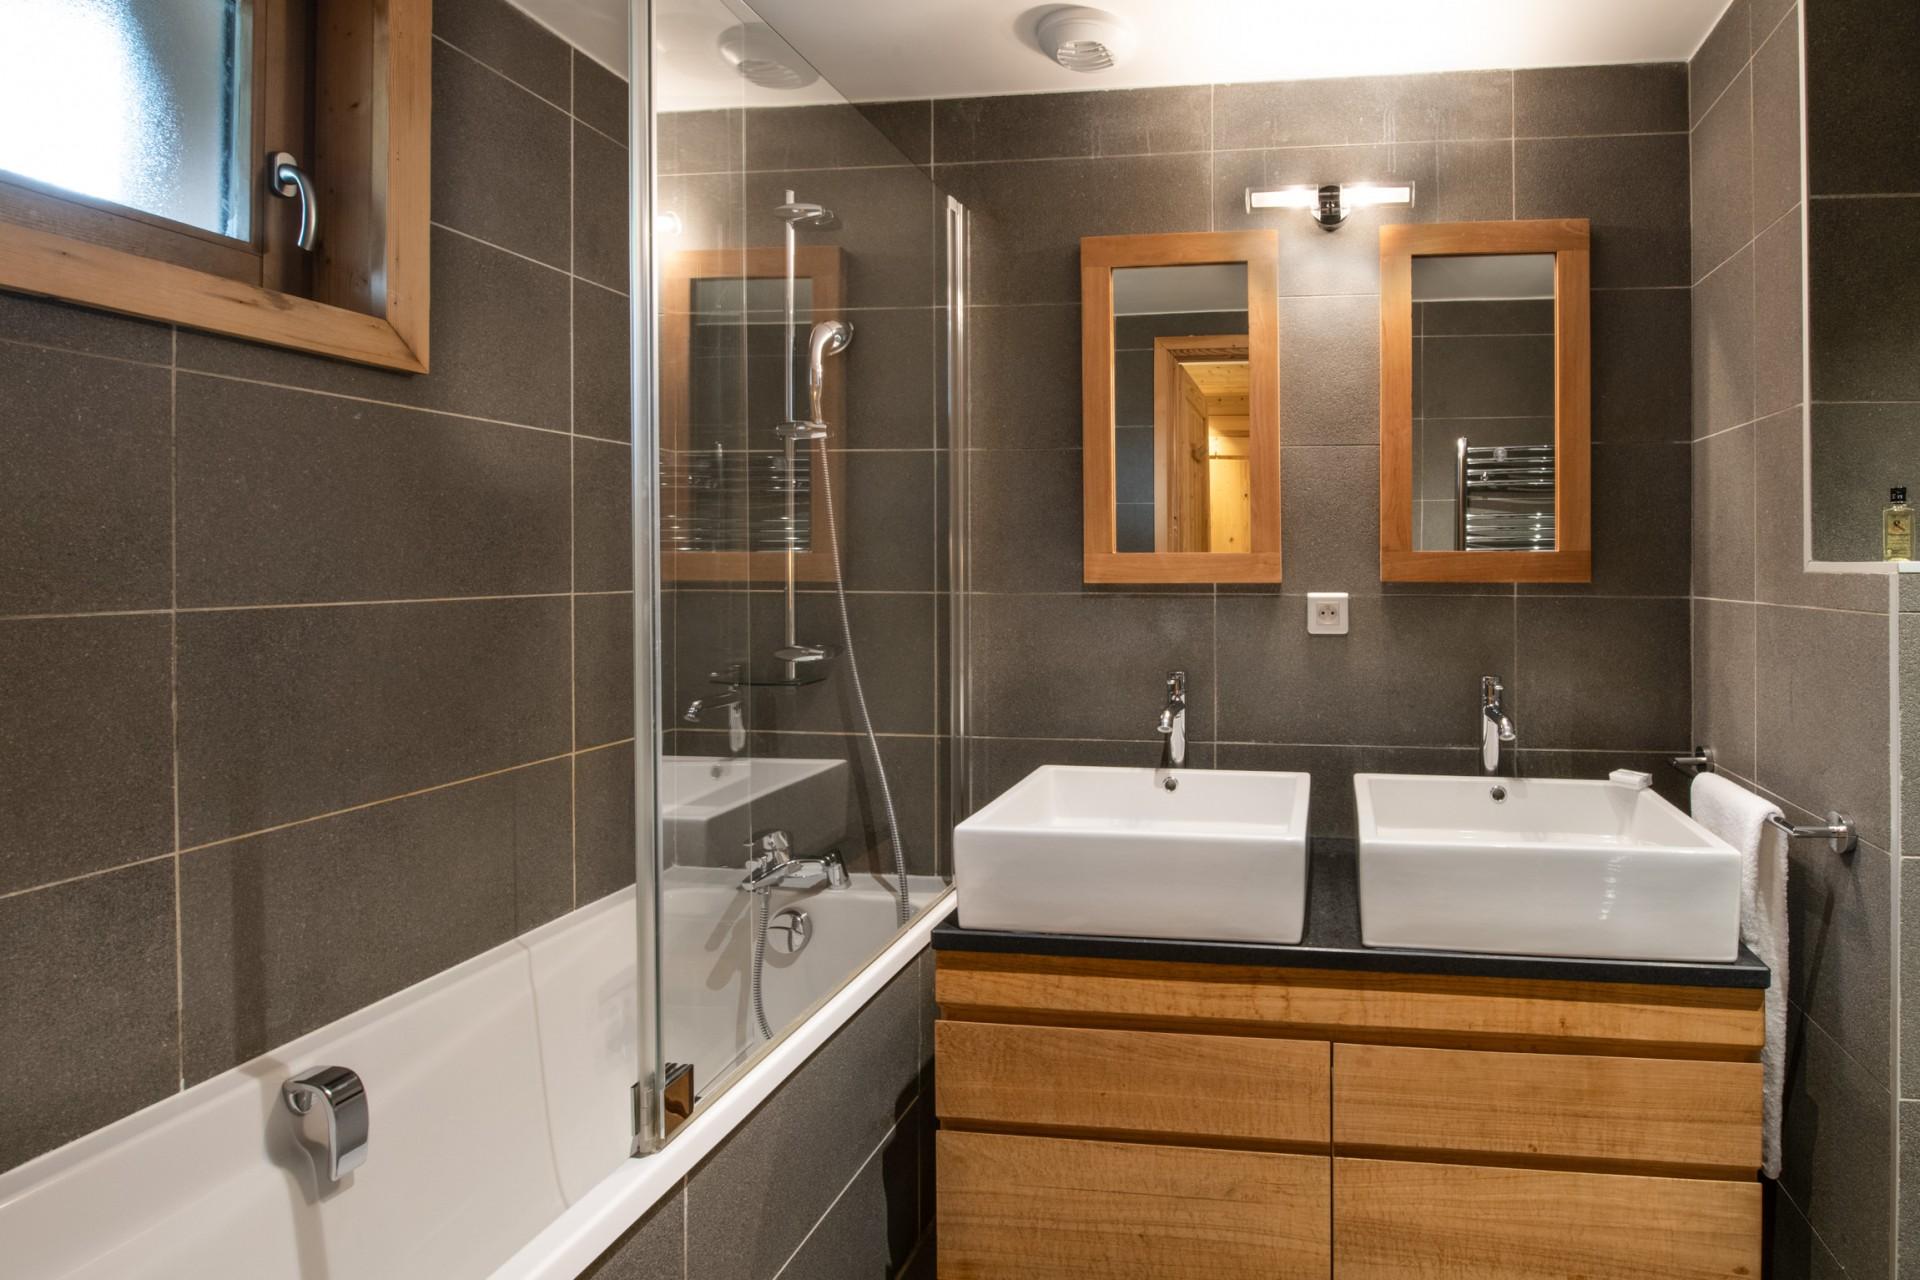 Courchevel 1650 Location Appartement Luxe Allanite Salle De Bain